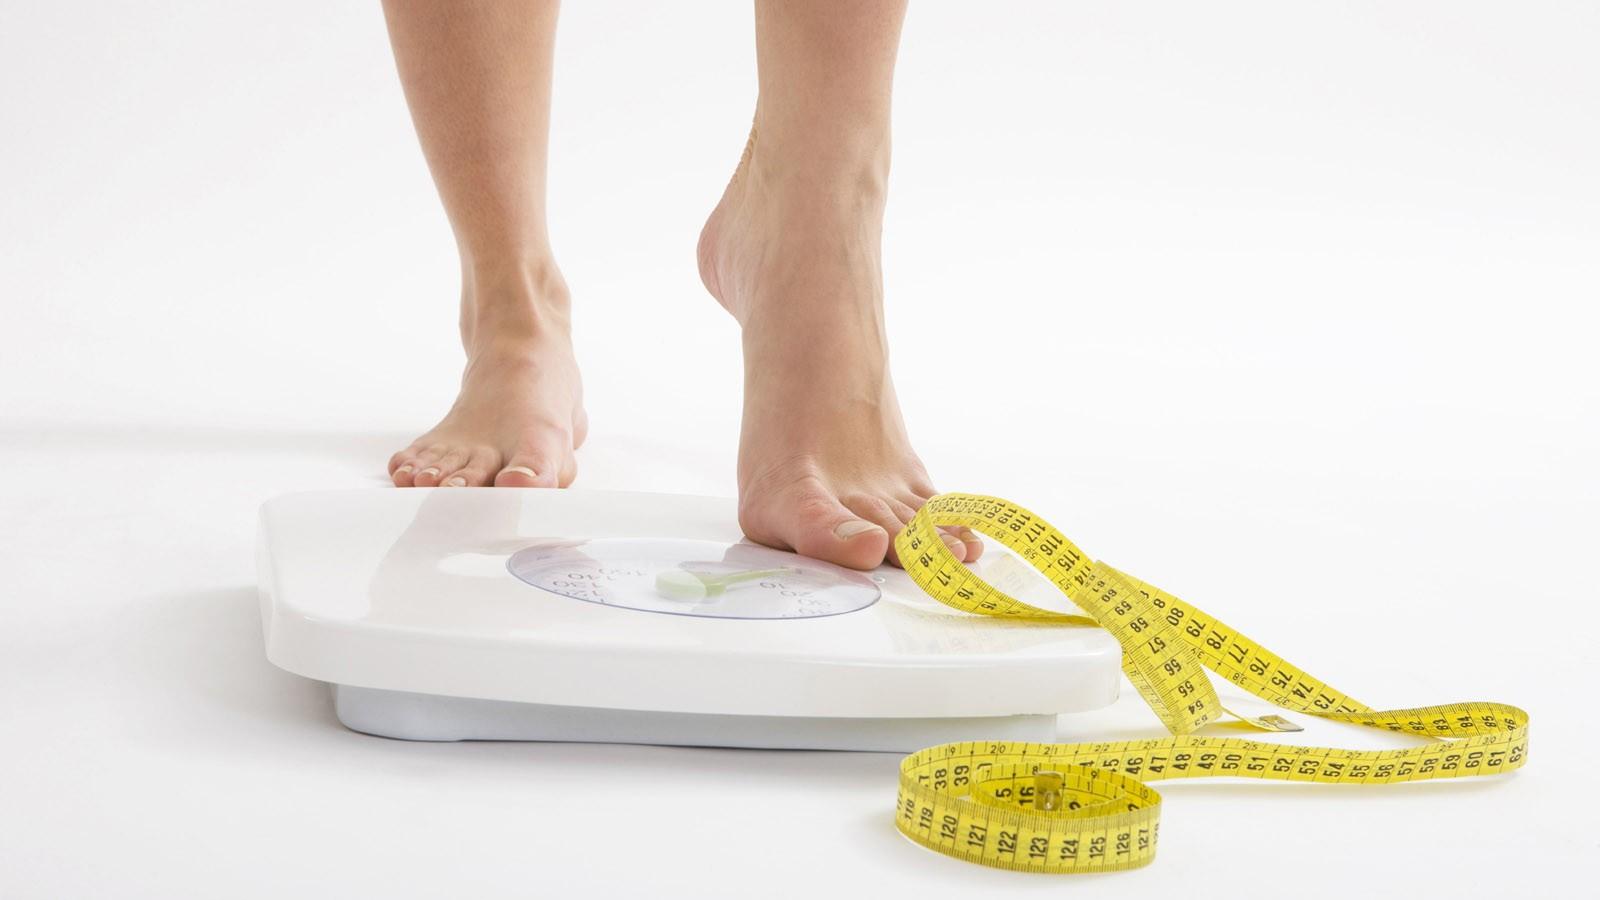 Duy trì cân nặng ở mức độ ổn định